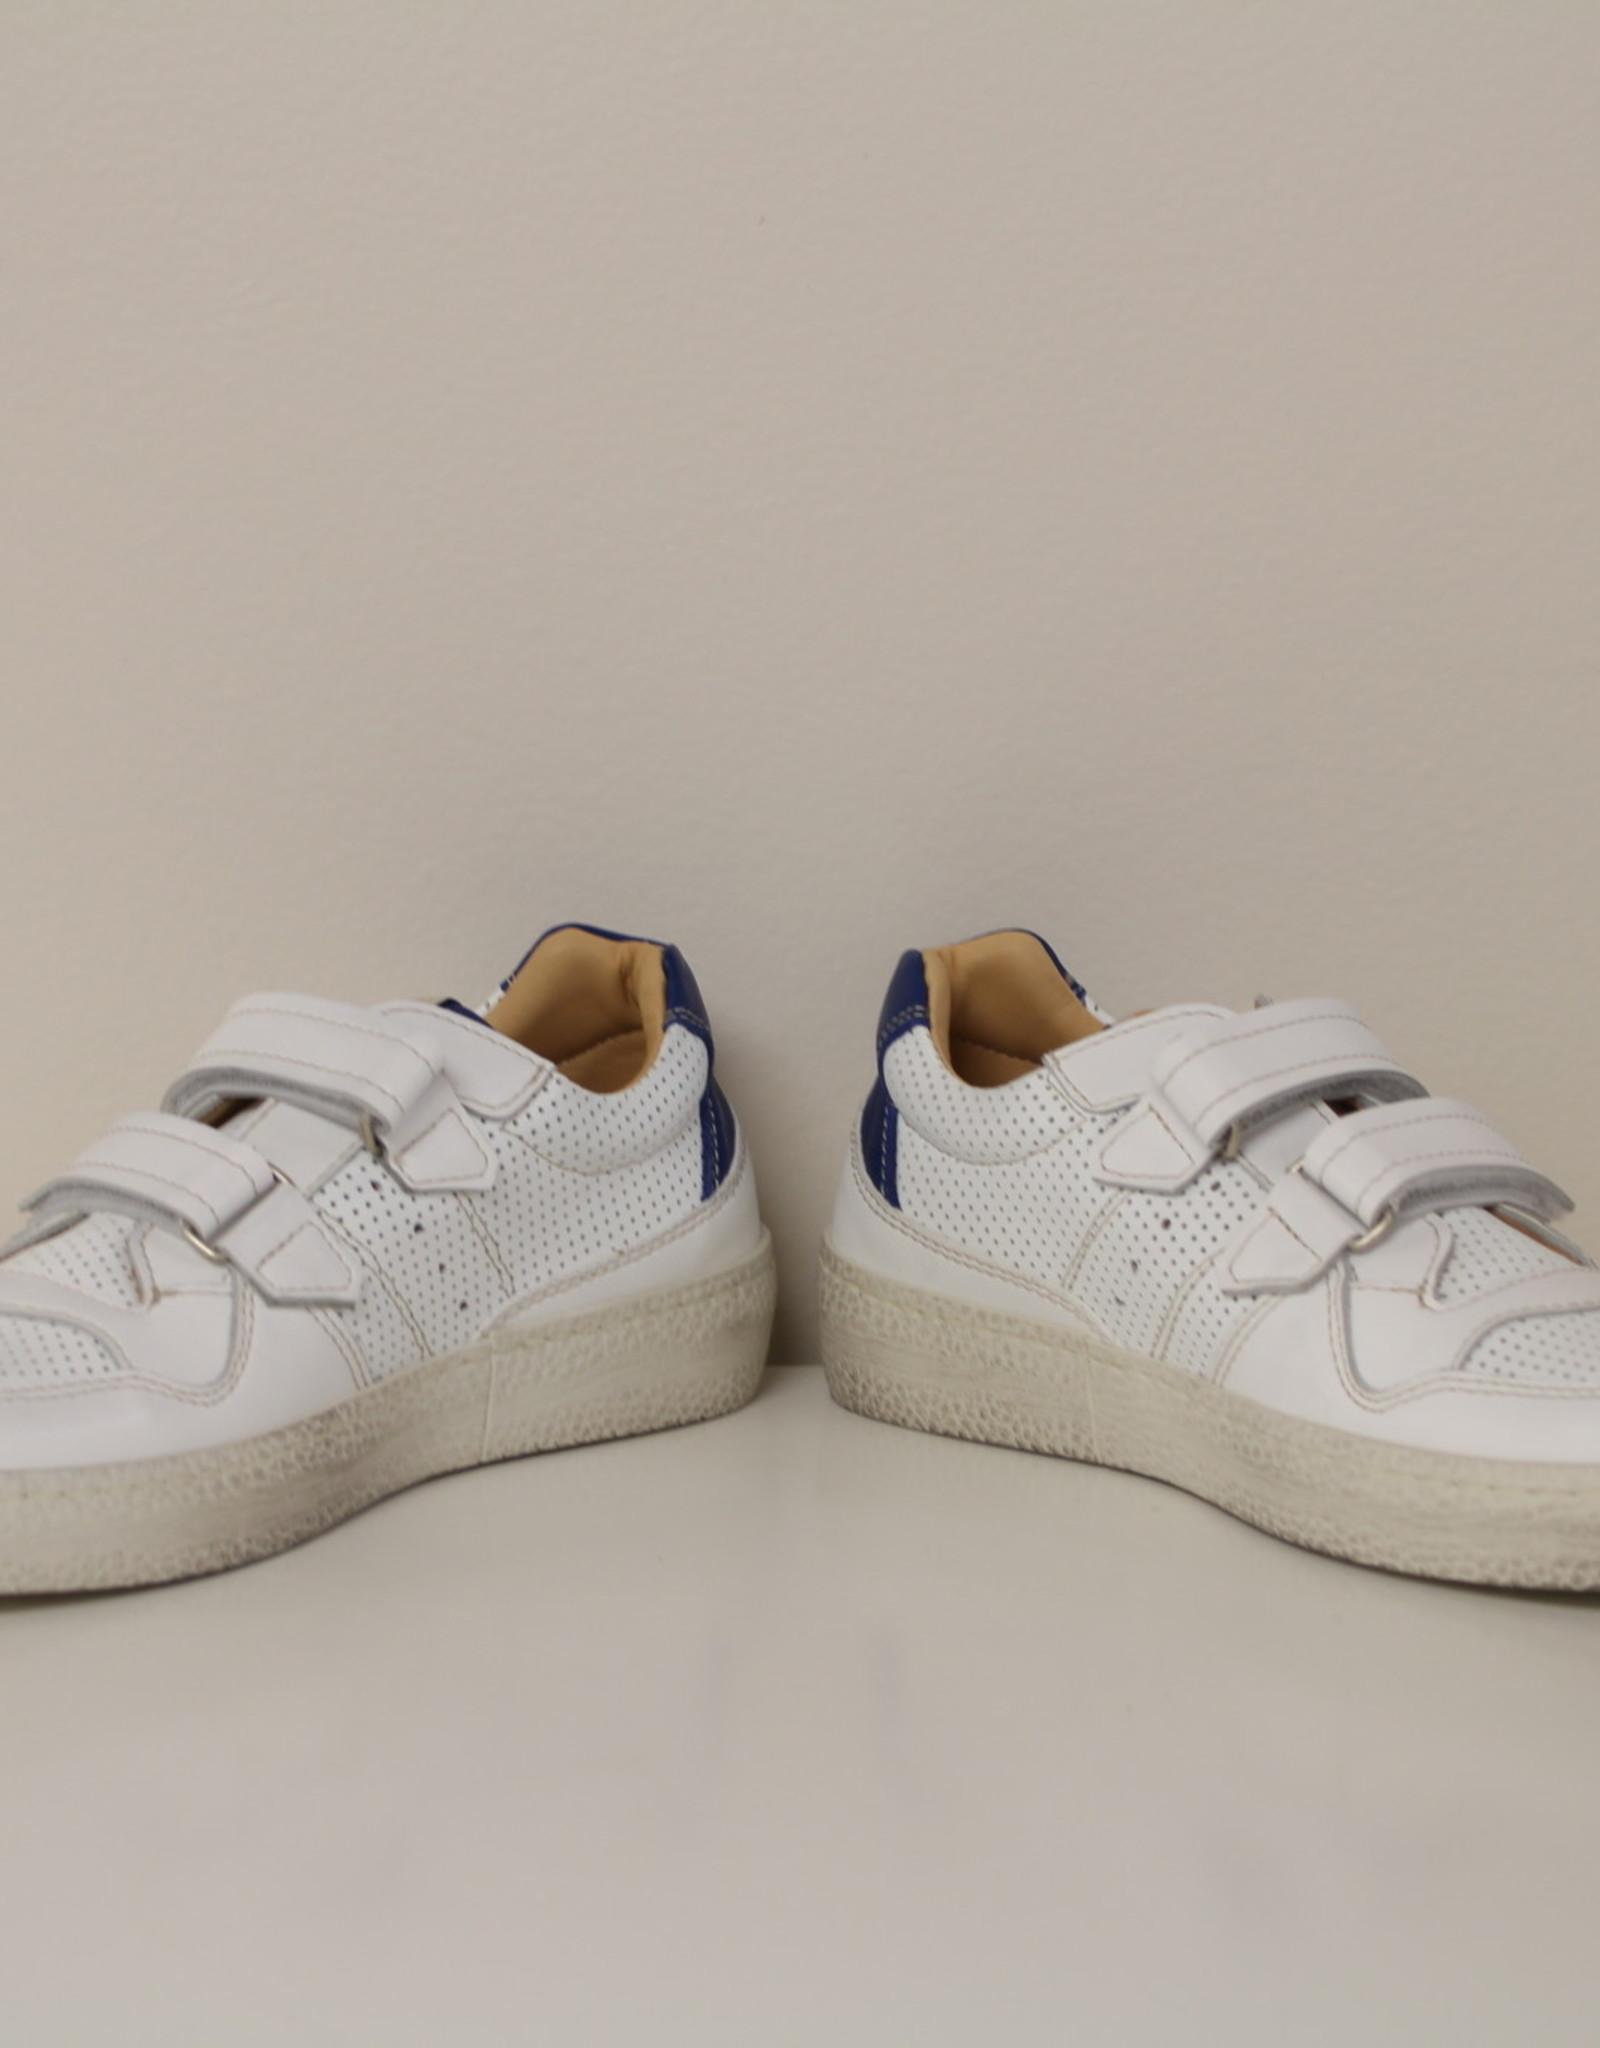 Ocra 406 witte sneaker met blauw accent velcro